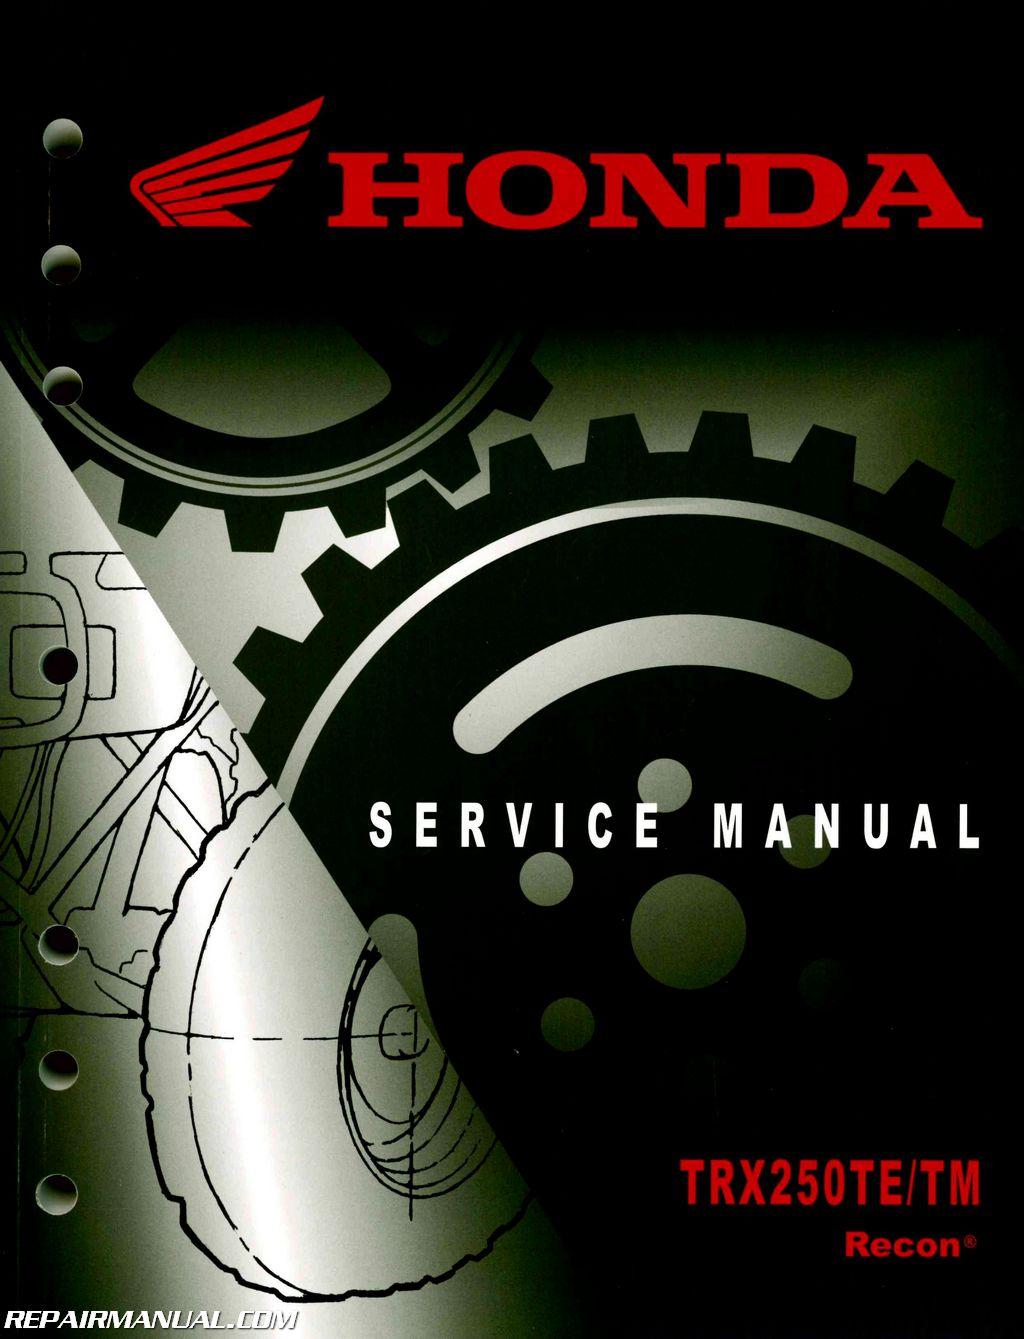 Honda Recon 250 Wiring Diagram